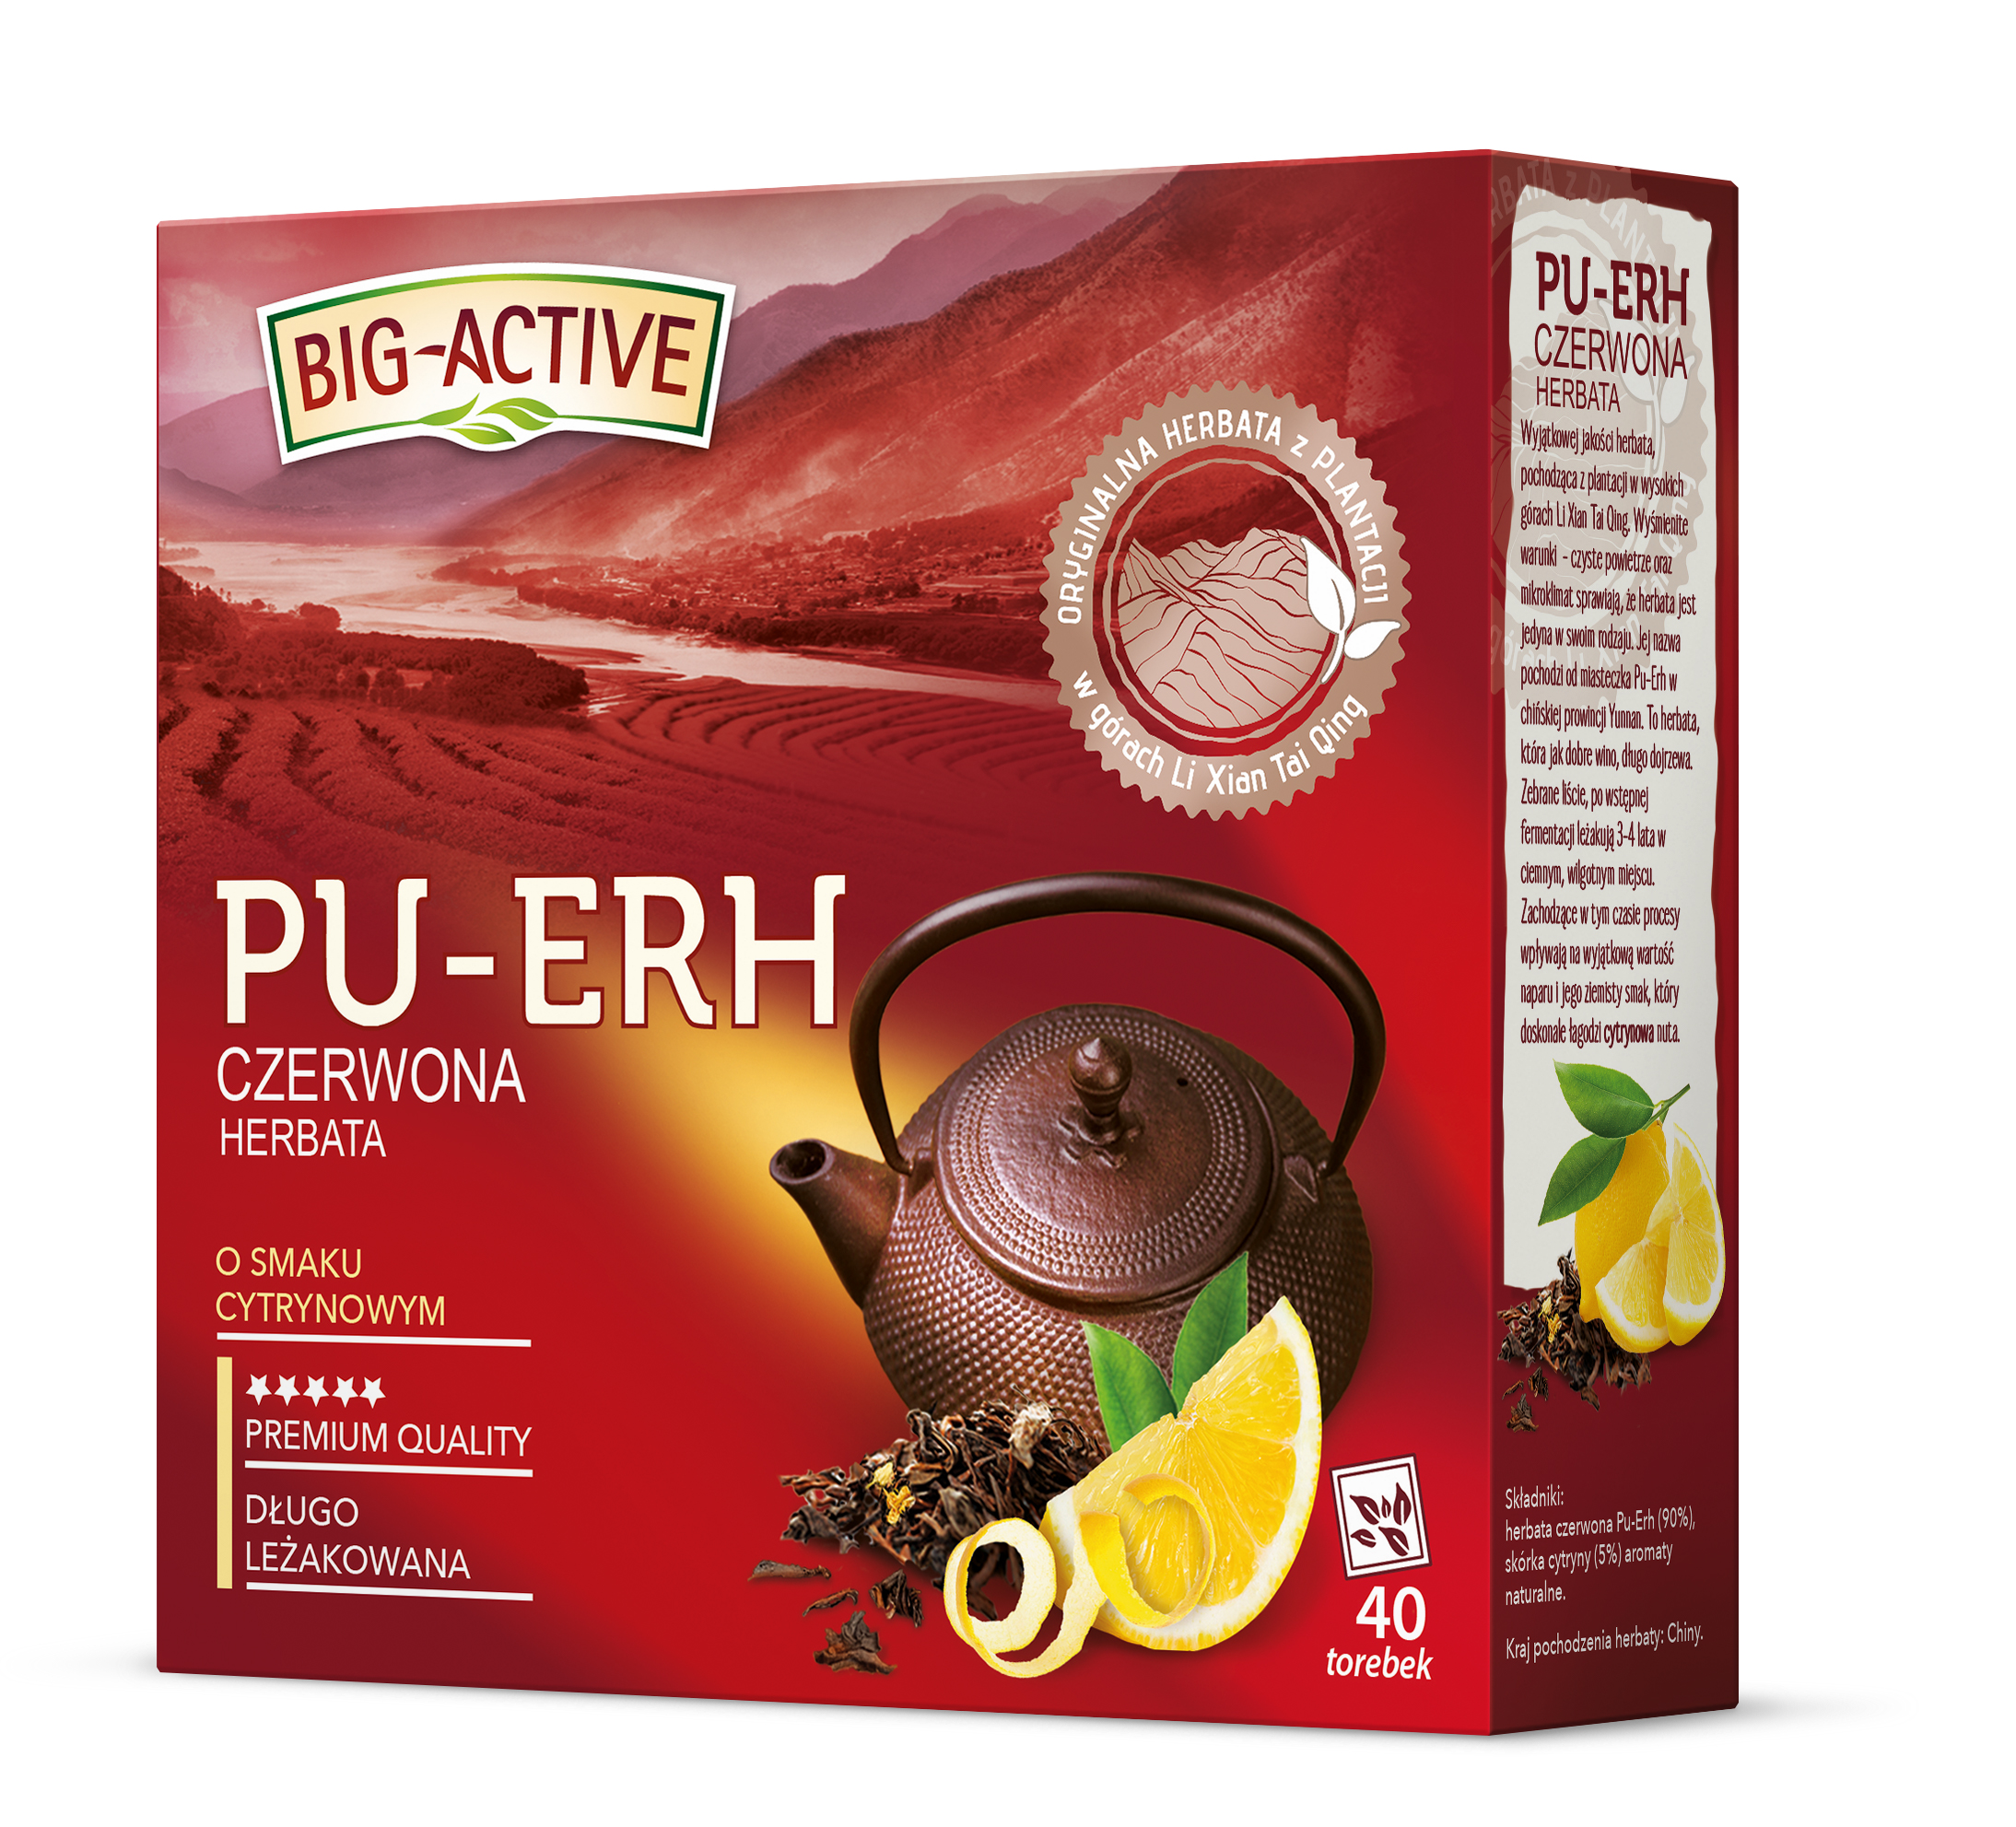 Czerwone herbaty od marki Big-Active